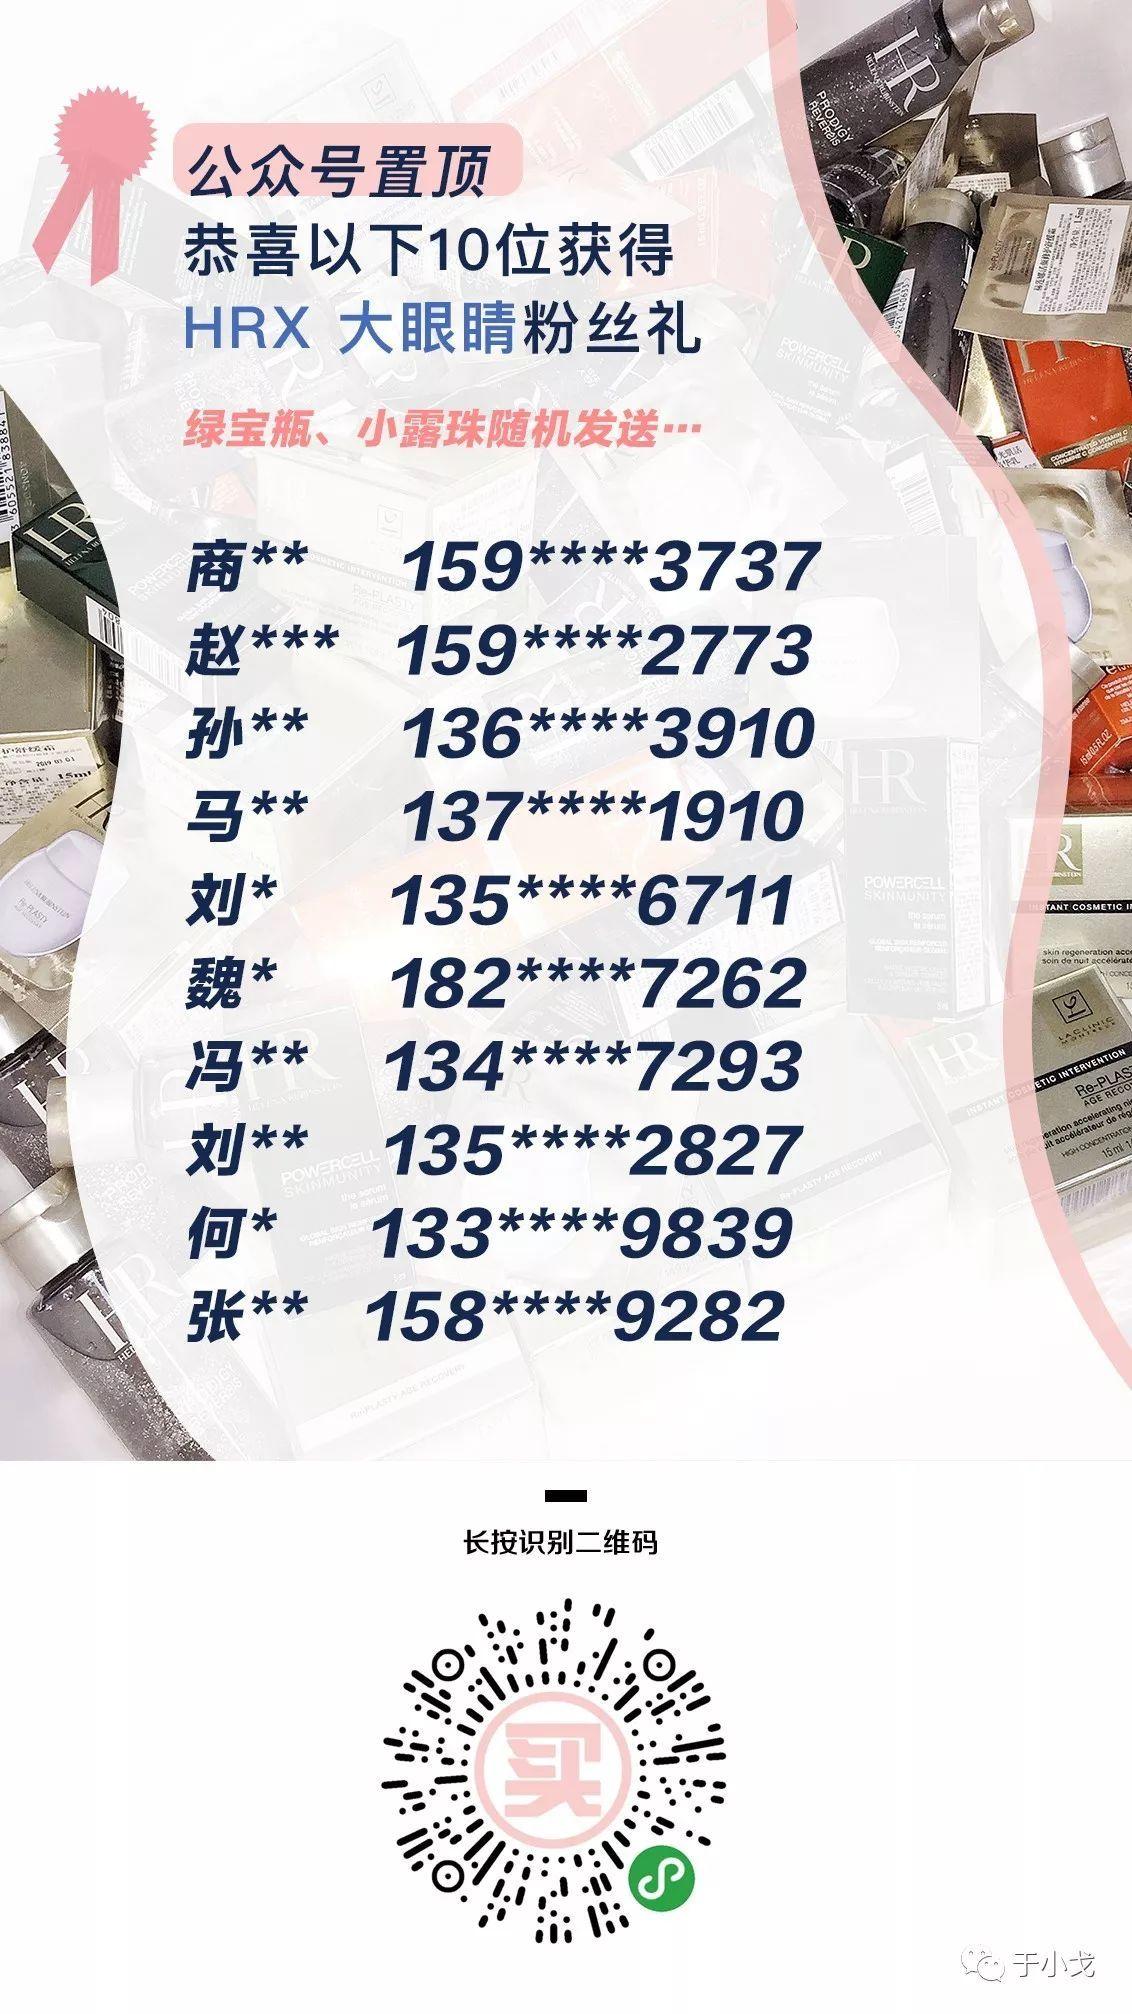 80后正式步入中年,可为什么孙俪、陈意涵还是少女脸?!